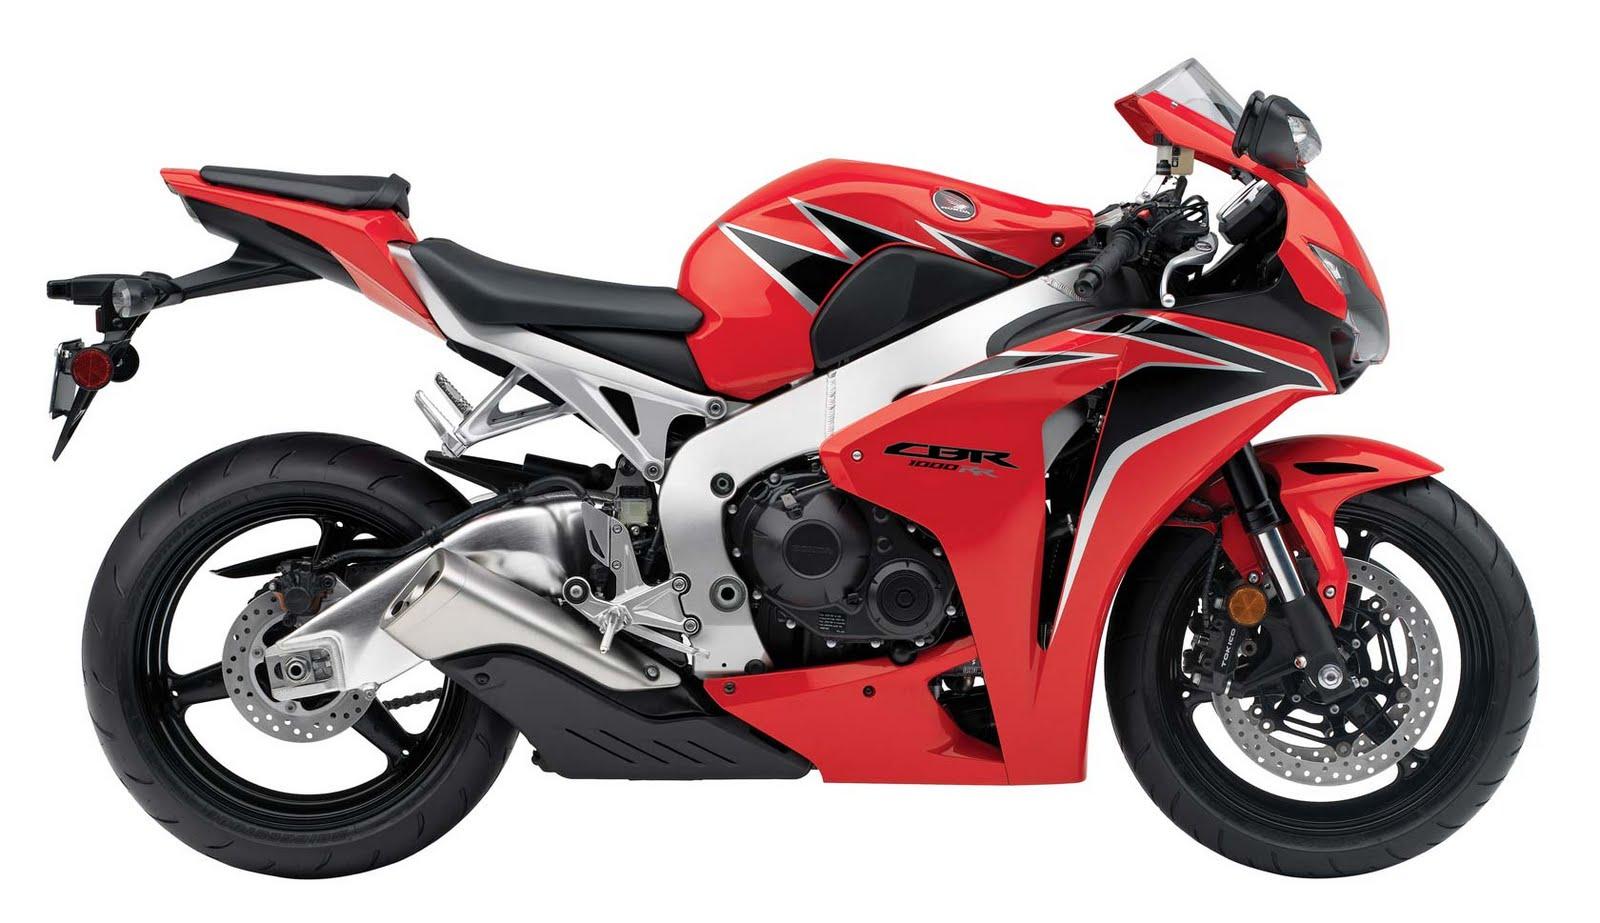 http://4.bp.blogspot.com/-V2m-77bVP8w/TeU3EOWhy3I/AAAAAAAAAlc/vC0_ga4-5Rk/s1600/2011-Honda-CBR1000RR-Motorcycle.jpg